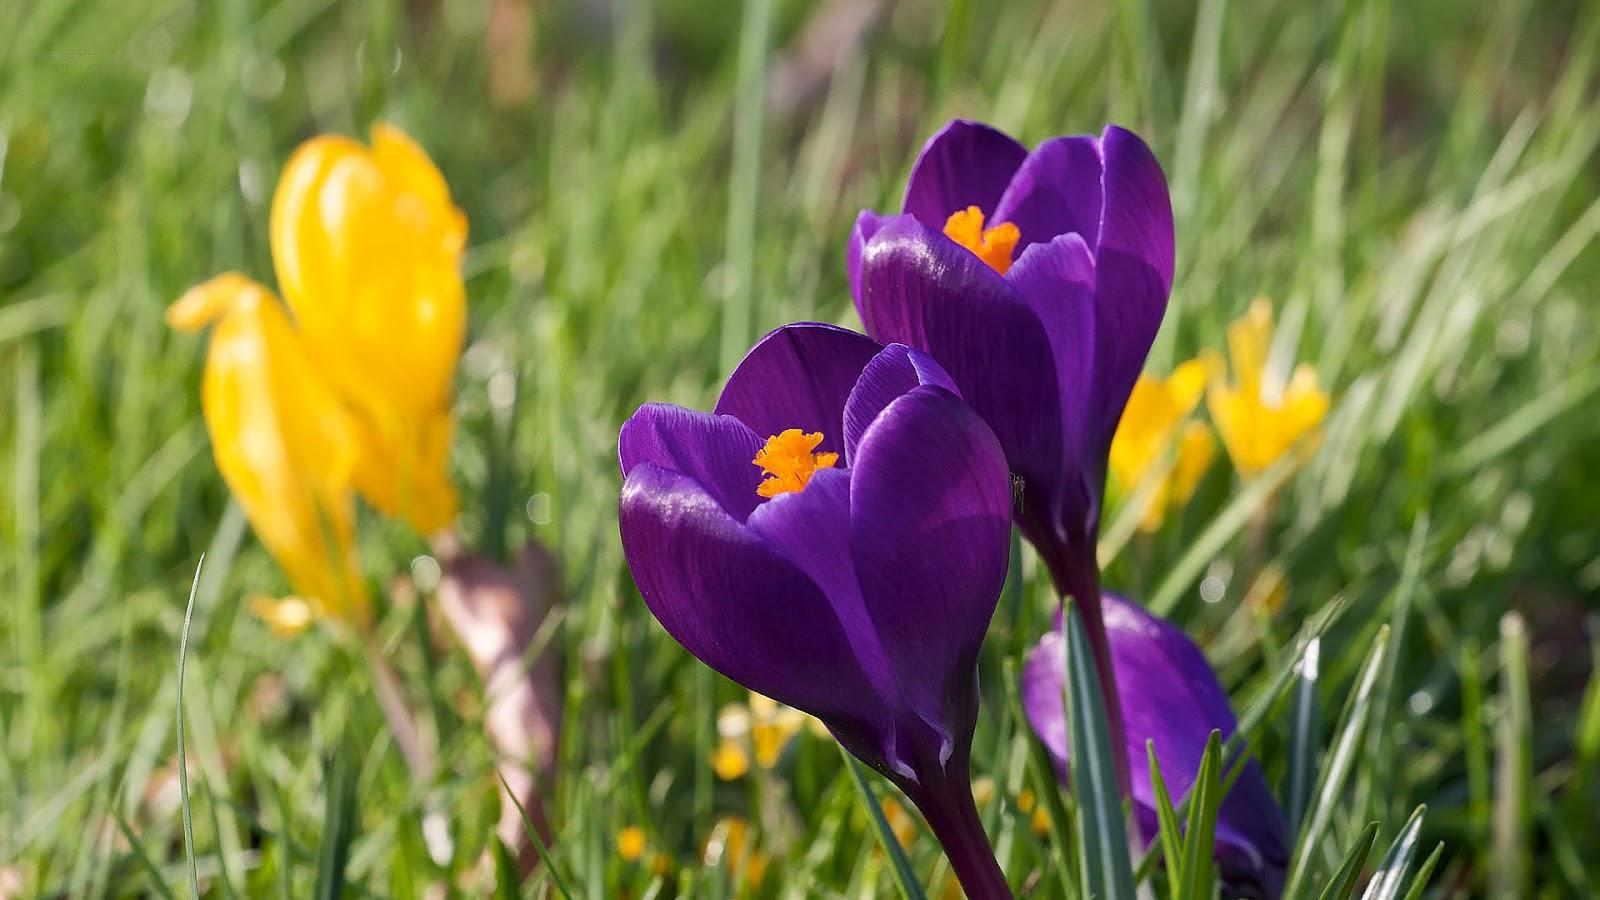 lente achtergronden hd - photo #12